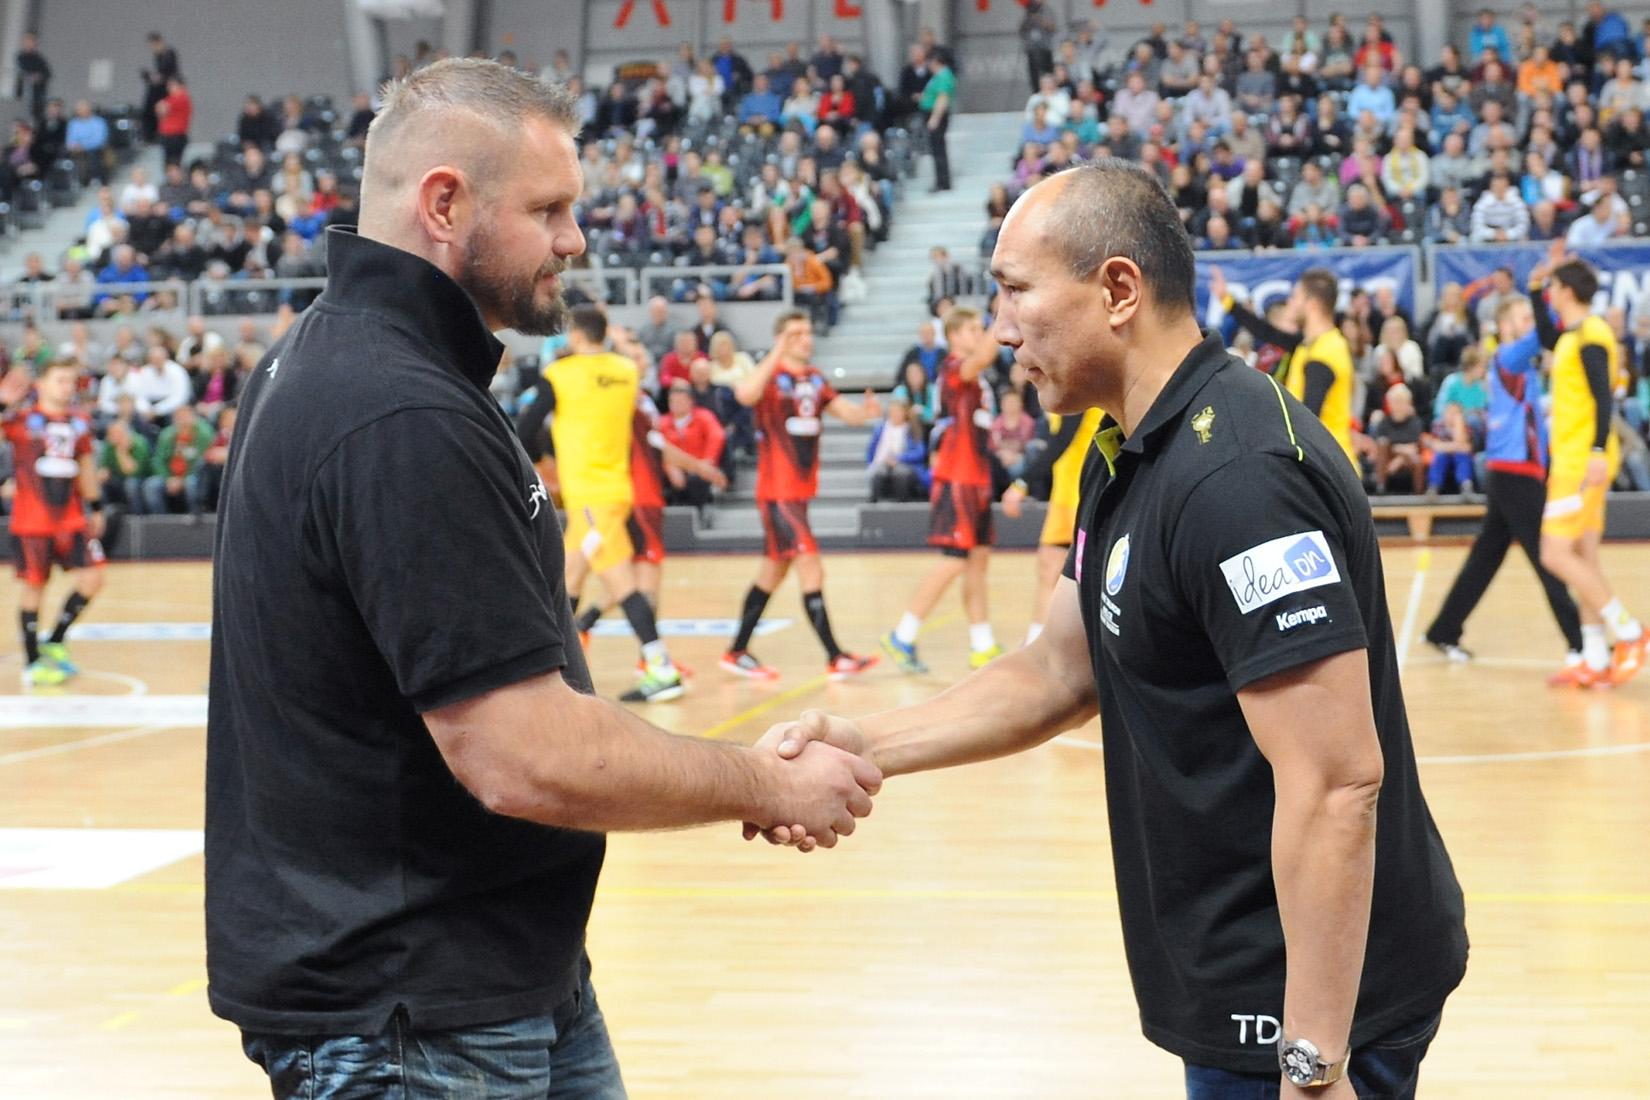 Robert Lis i Talant Dujszebajew współpracują na meczach reprezentacji, rywalizują w zmaganiach ligowych Fot. fotoMiD